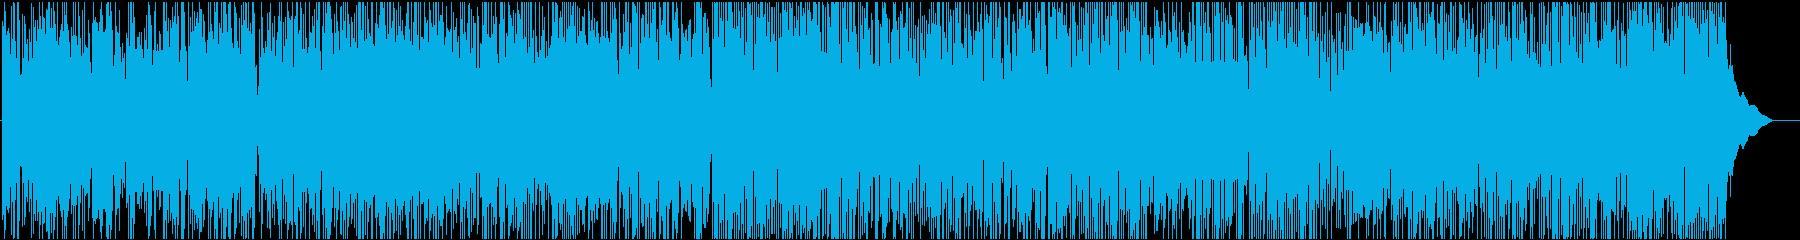 爽やかで軽快なマンドリンのロックバラードの再生済みの波形